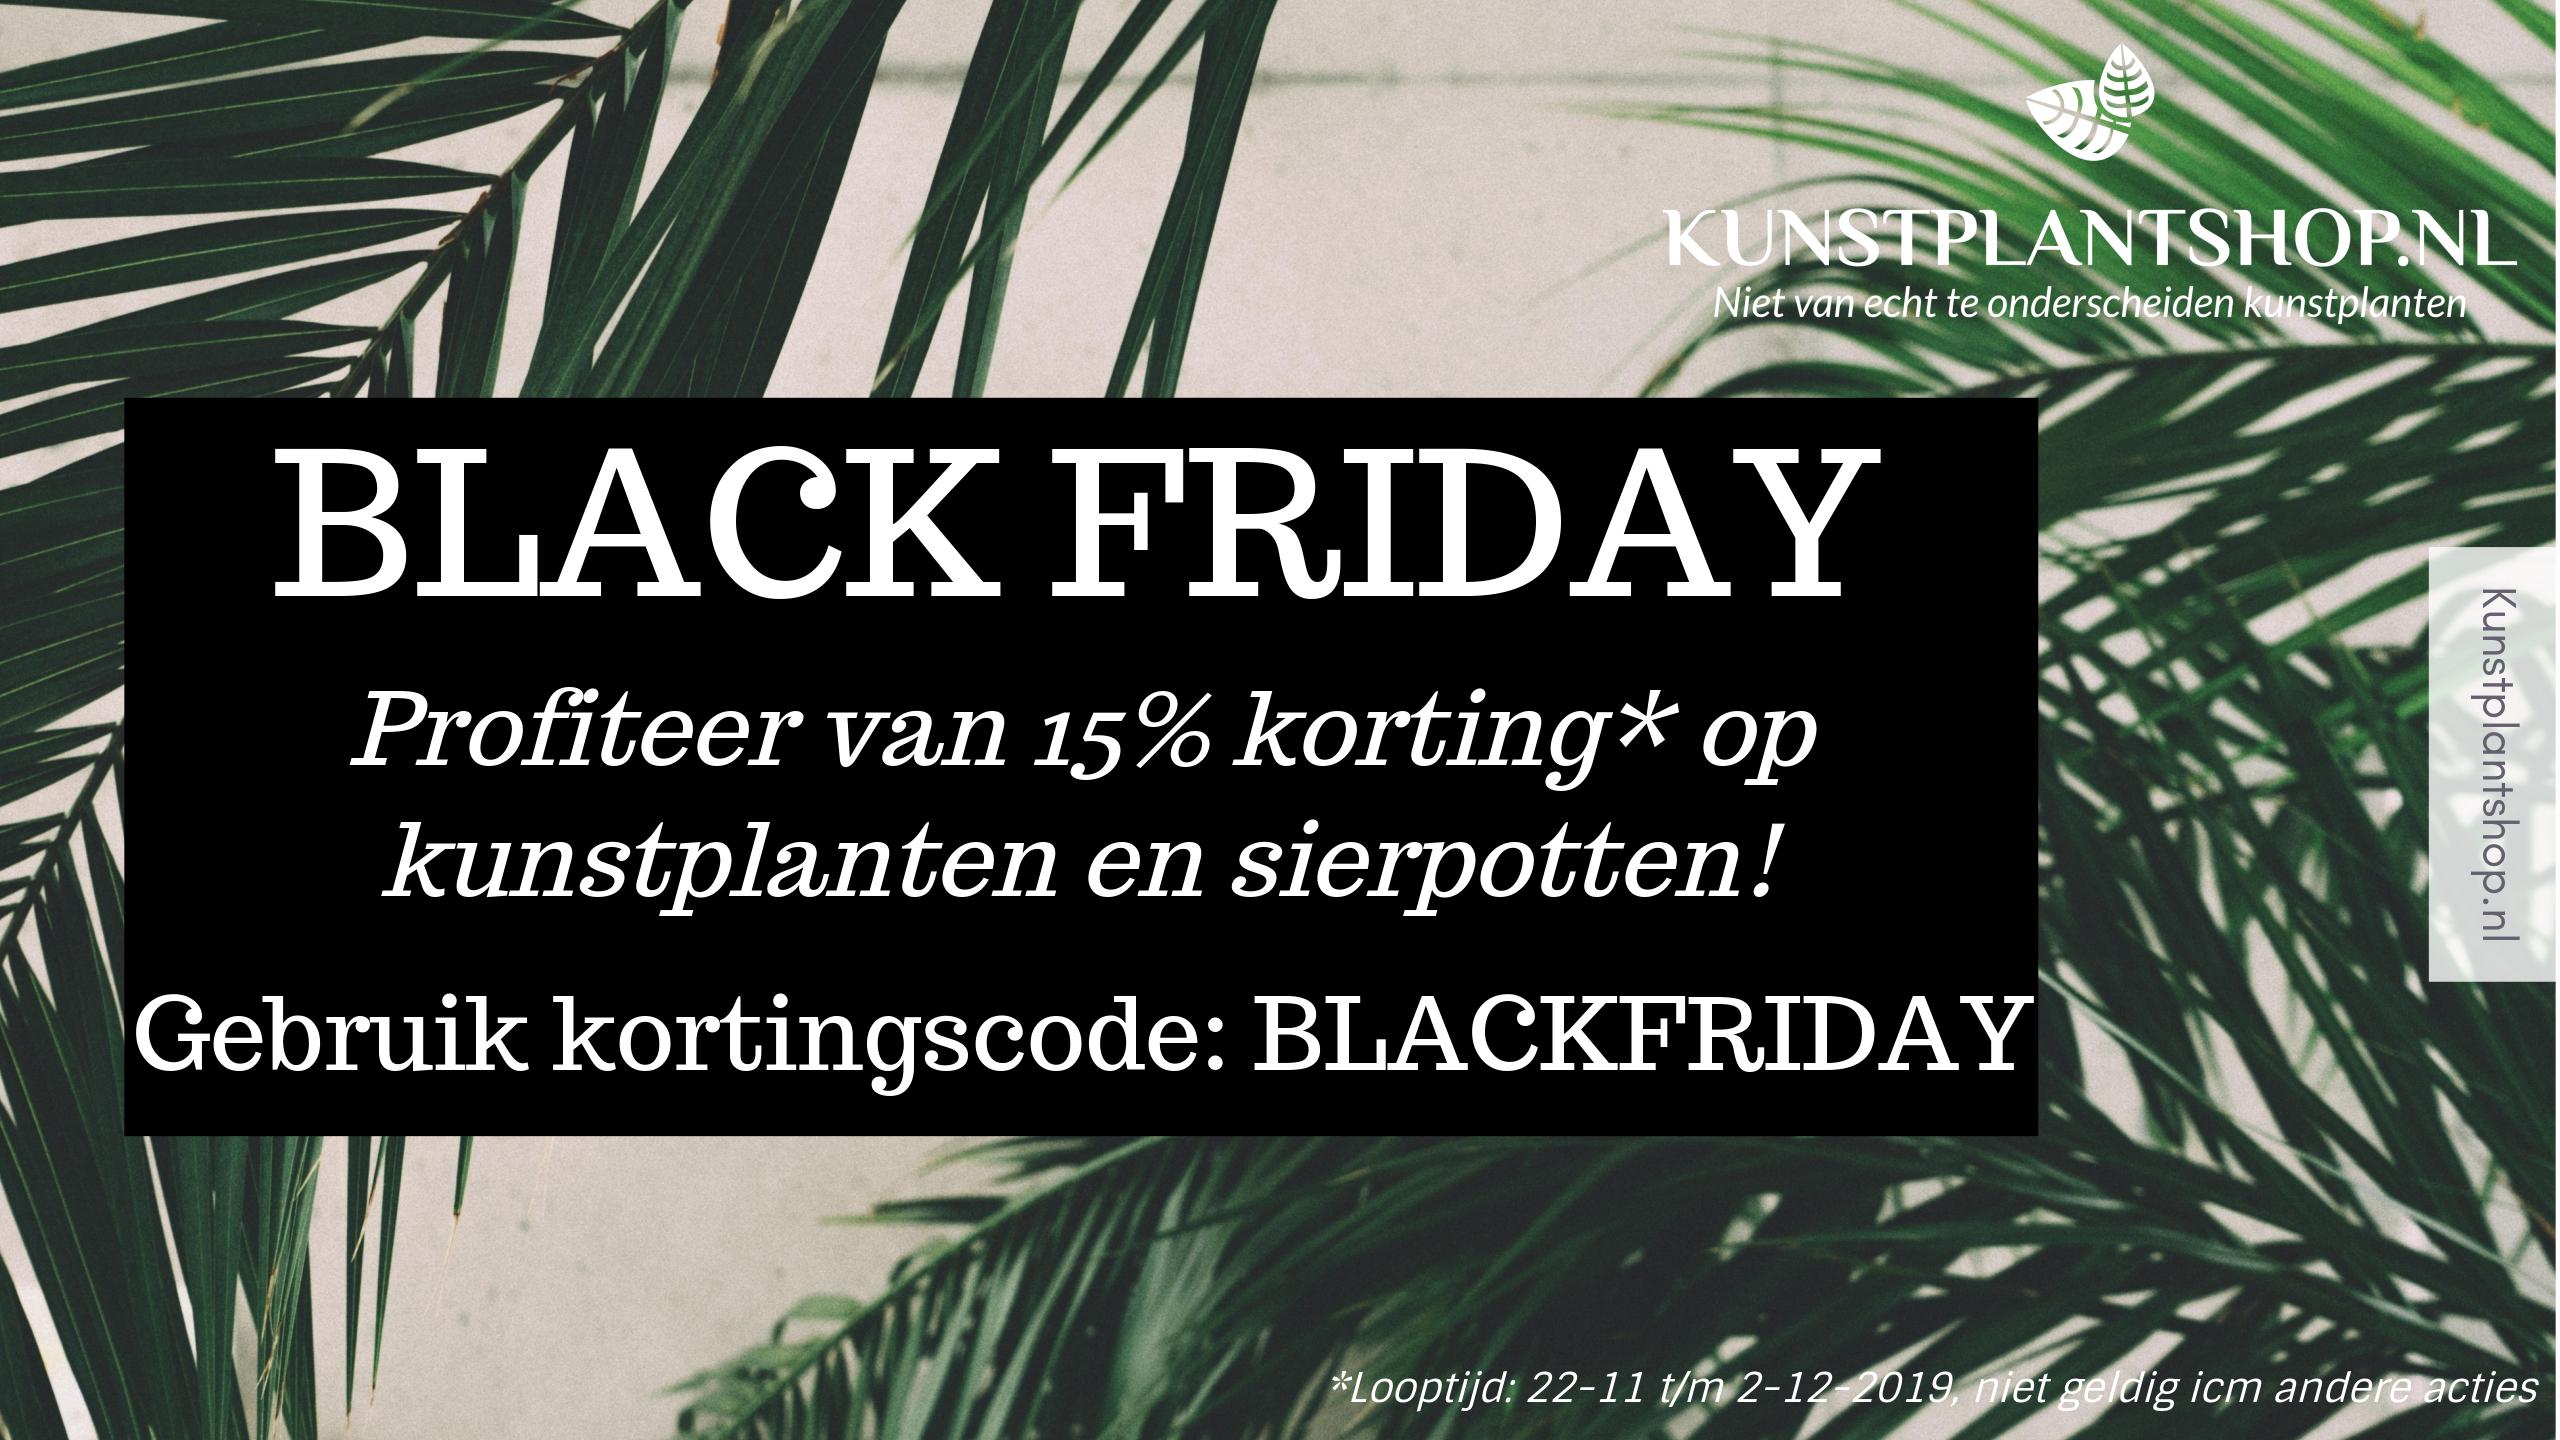 Black Friday 2019 Kunstplantshop.nl